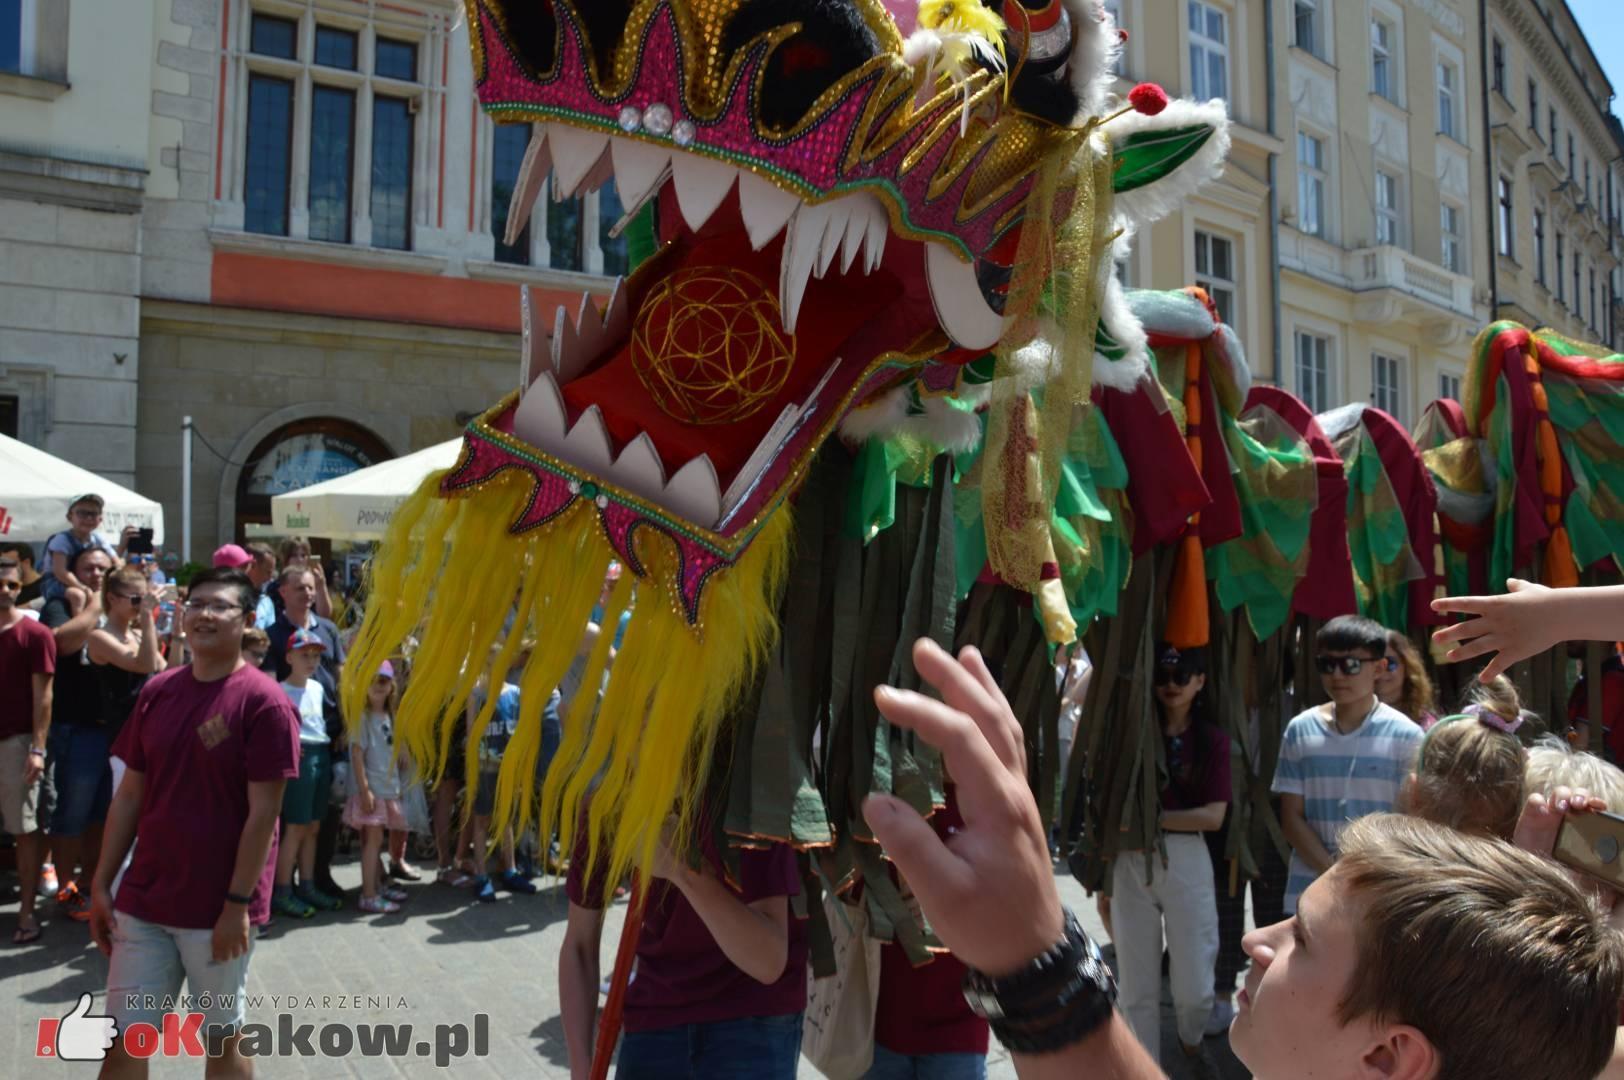 wielka parada smokow przeszla przez krakow w 40 smokow do okola swiata 2019 121 150x150 - Parada Smoków przeszła przez Kraków. Obszerna galeria zdjęć - 2 czerwca 2019 w Krakowie